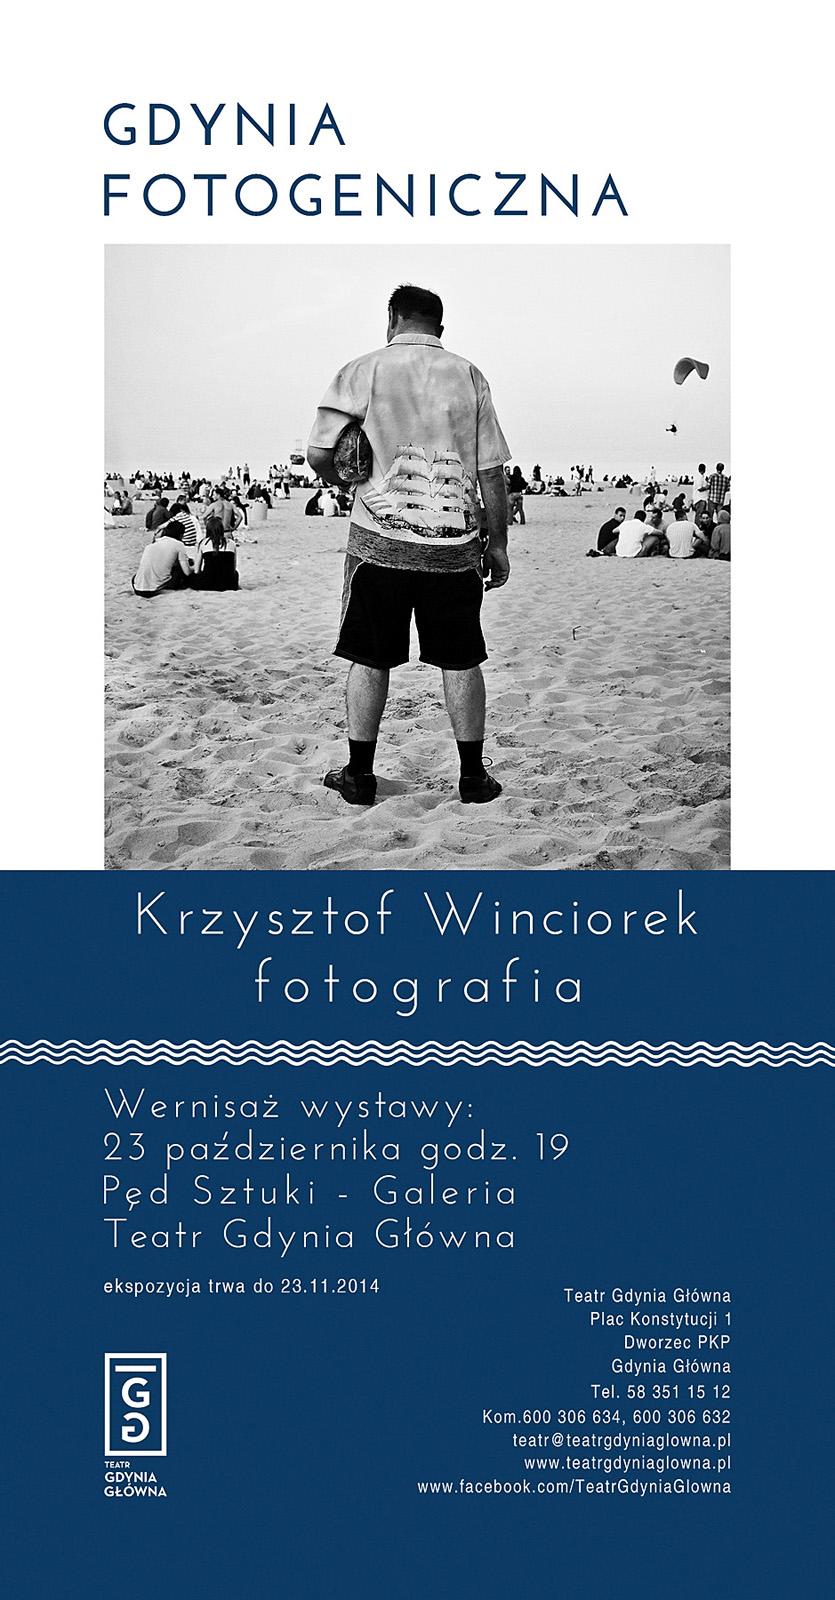 Ulotka informacyjna do wystawy Krzysztofa Winciorka